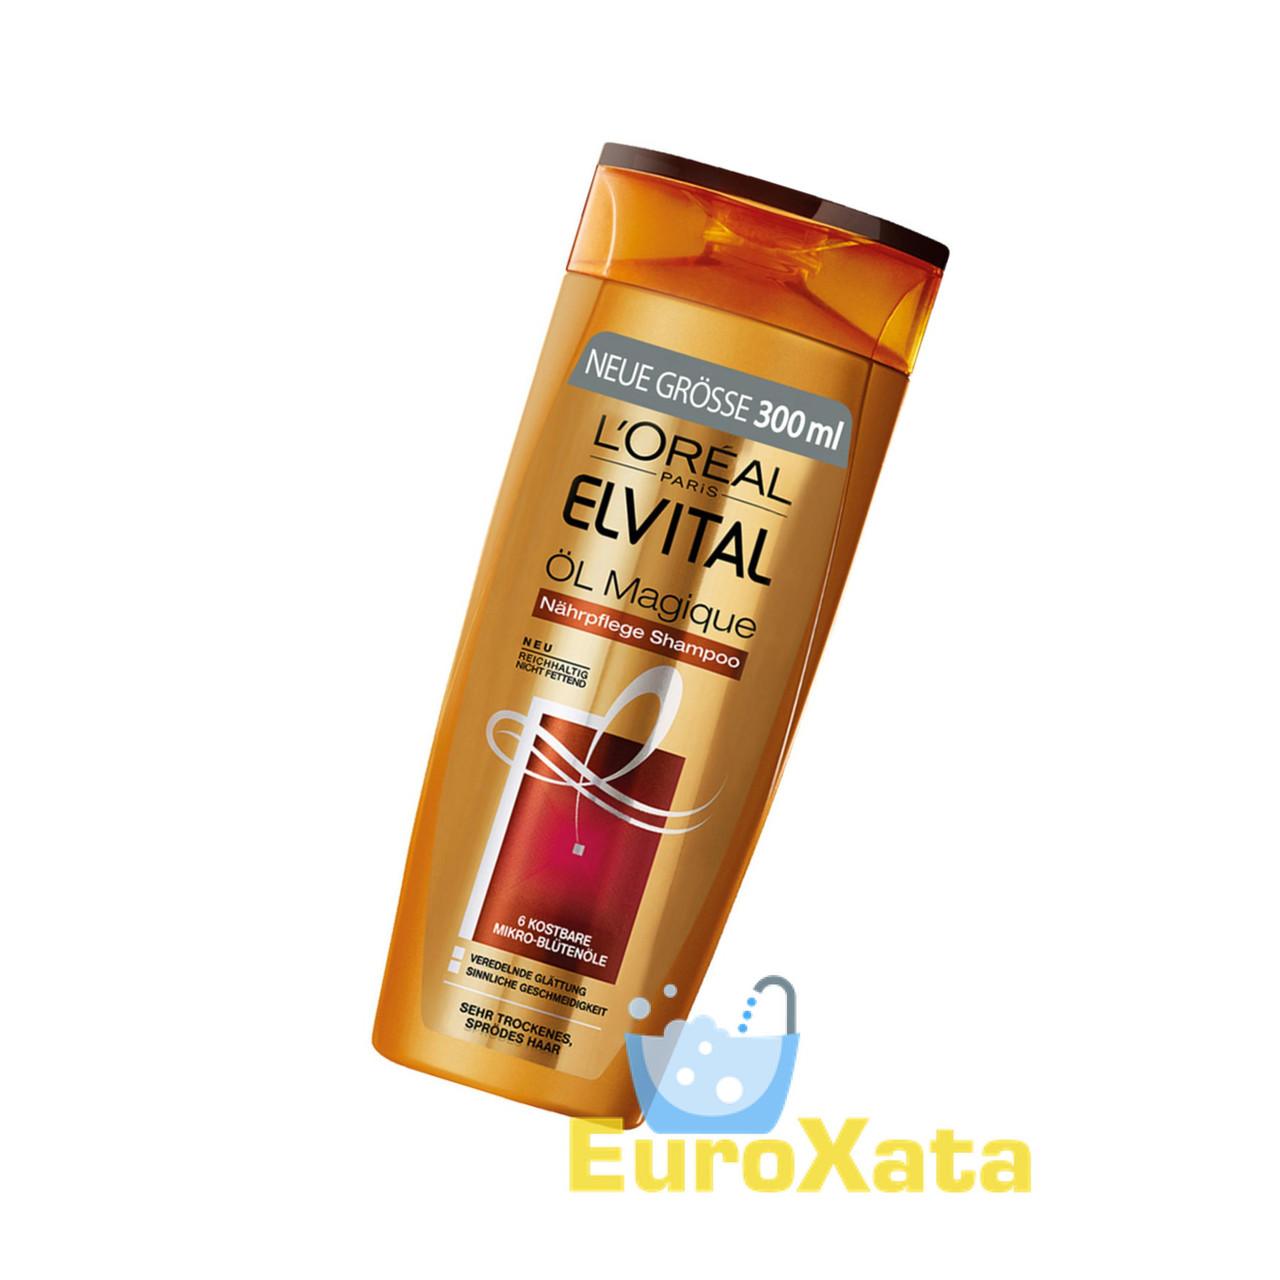 Шампунь L'Oreal Paris Elvital Öl Magique  (250 ml) (Германия)